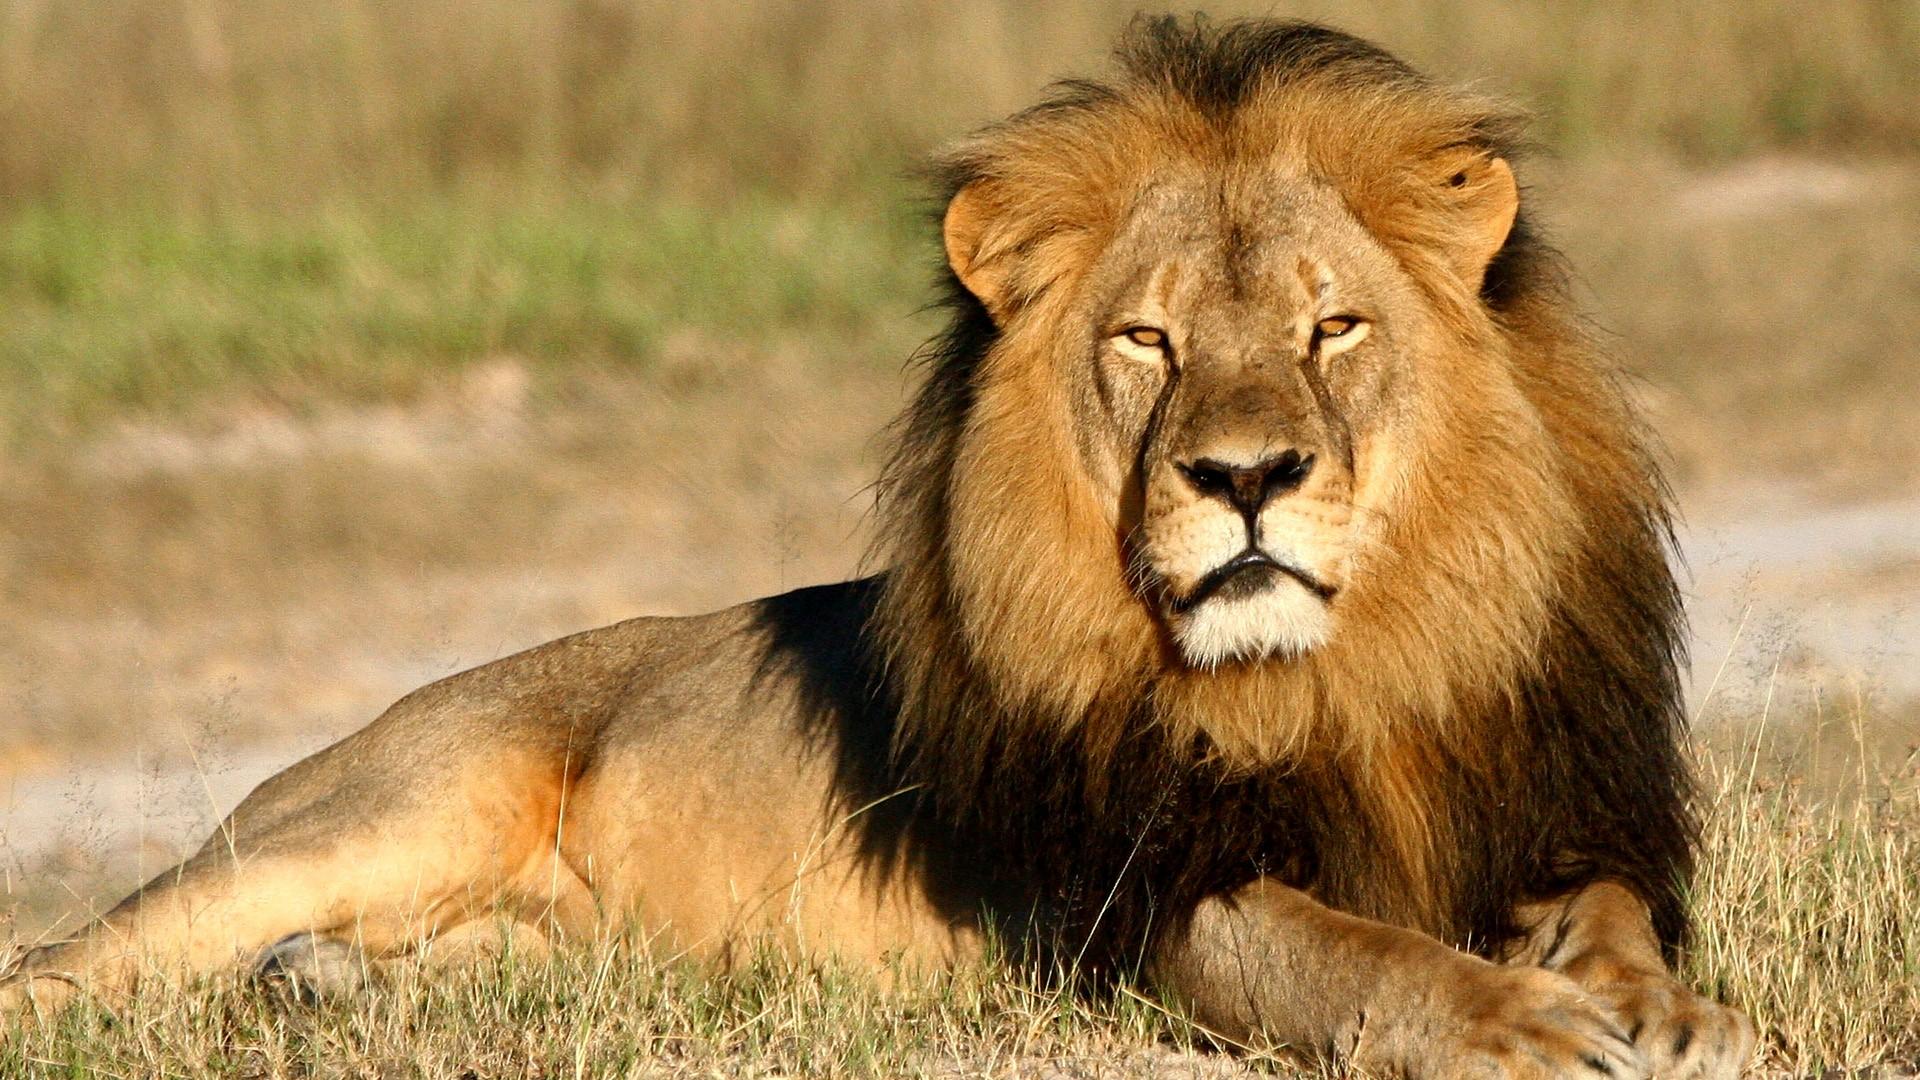 Lion Images Hd